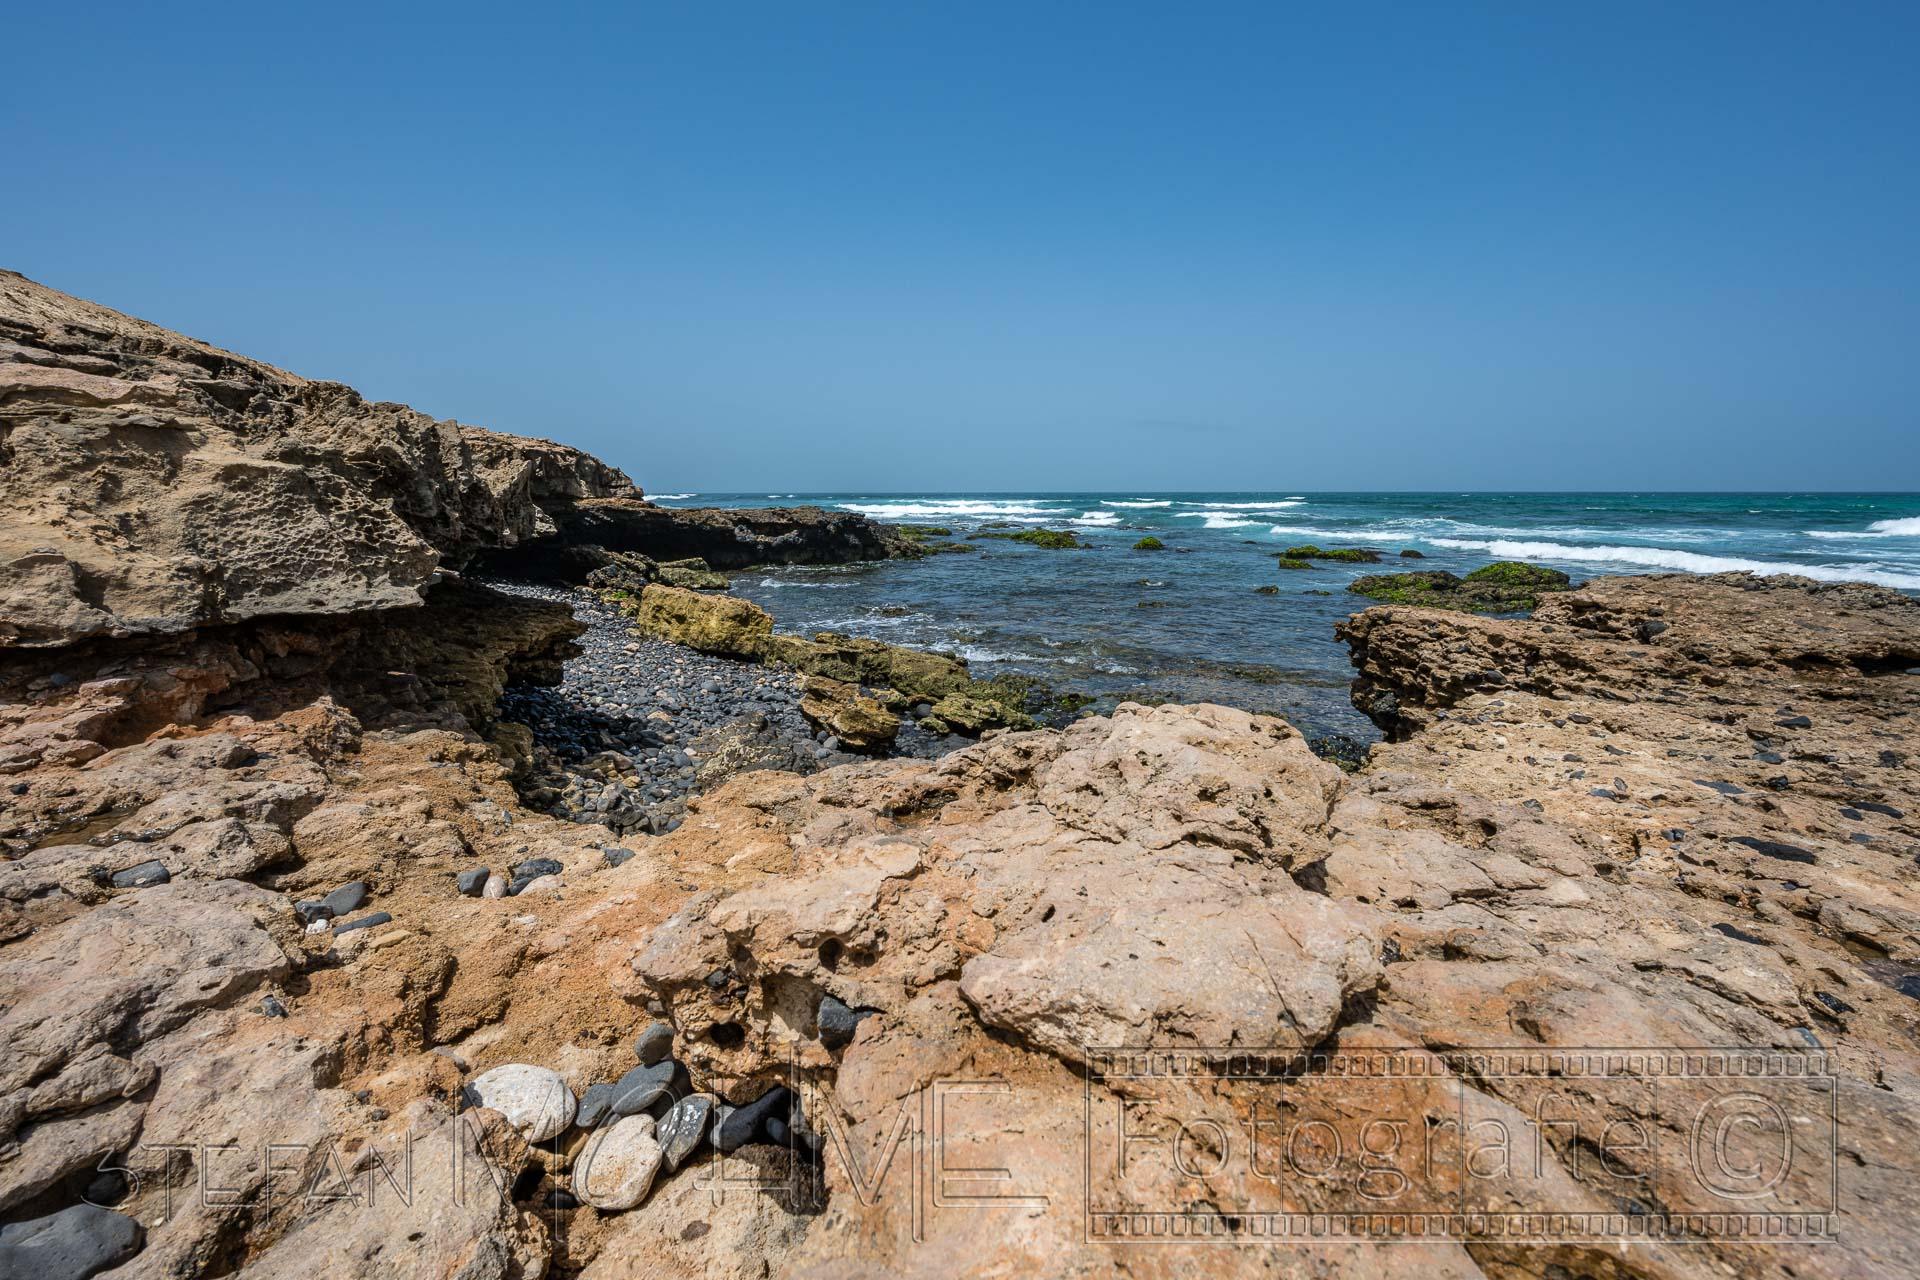 Kiesstrand auf Boa Vista